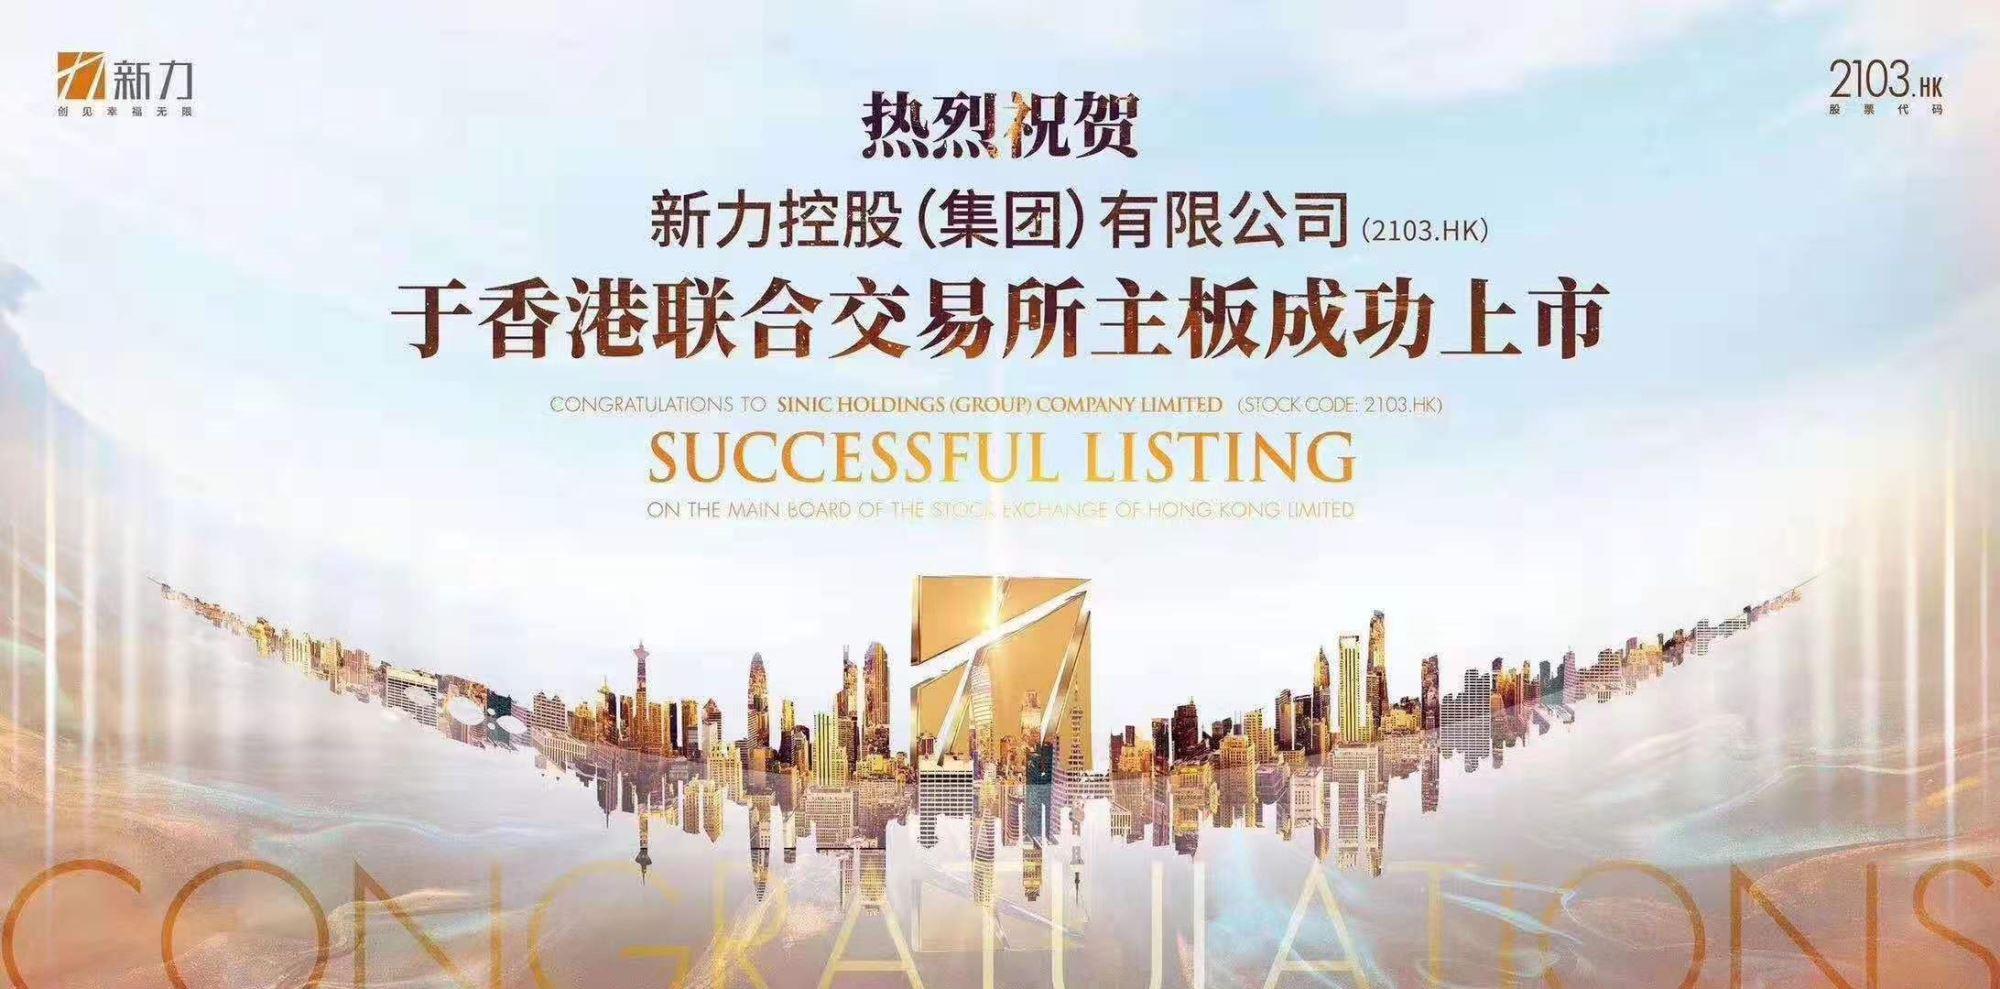 11月15日江西新力控股(集团)有限公司在香港成功上市!